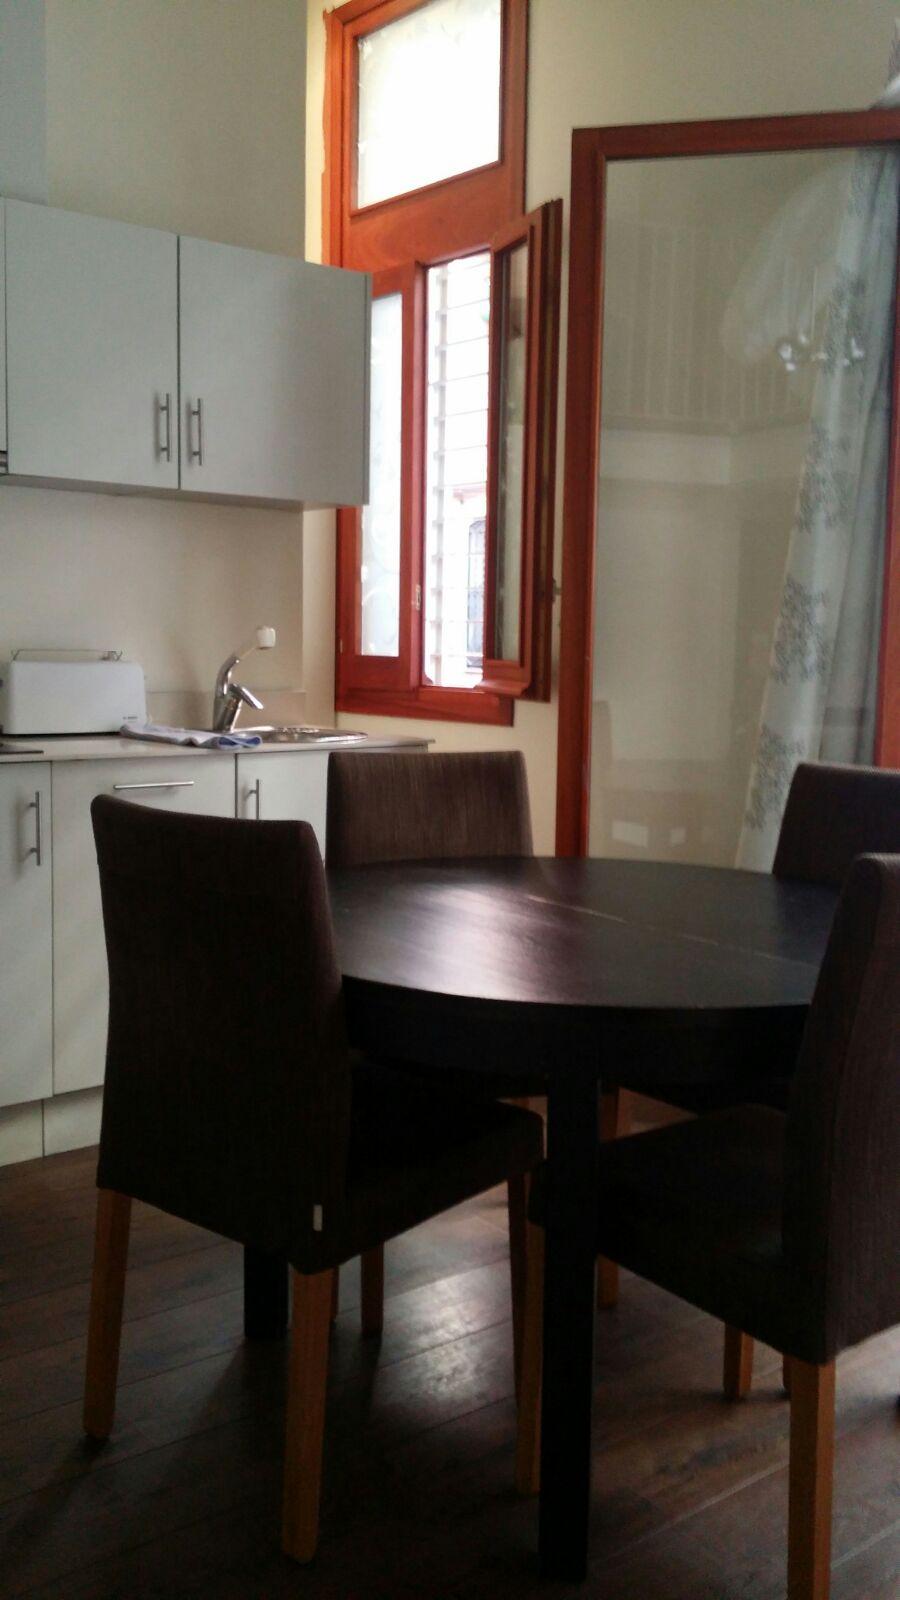 Cocina de apartamentos turísticos en venta en la Barceloneta